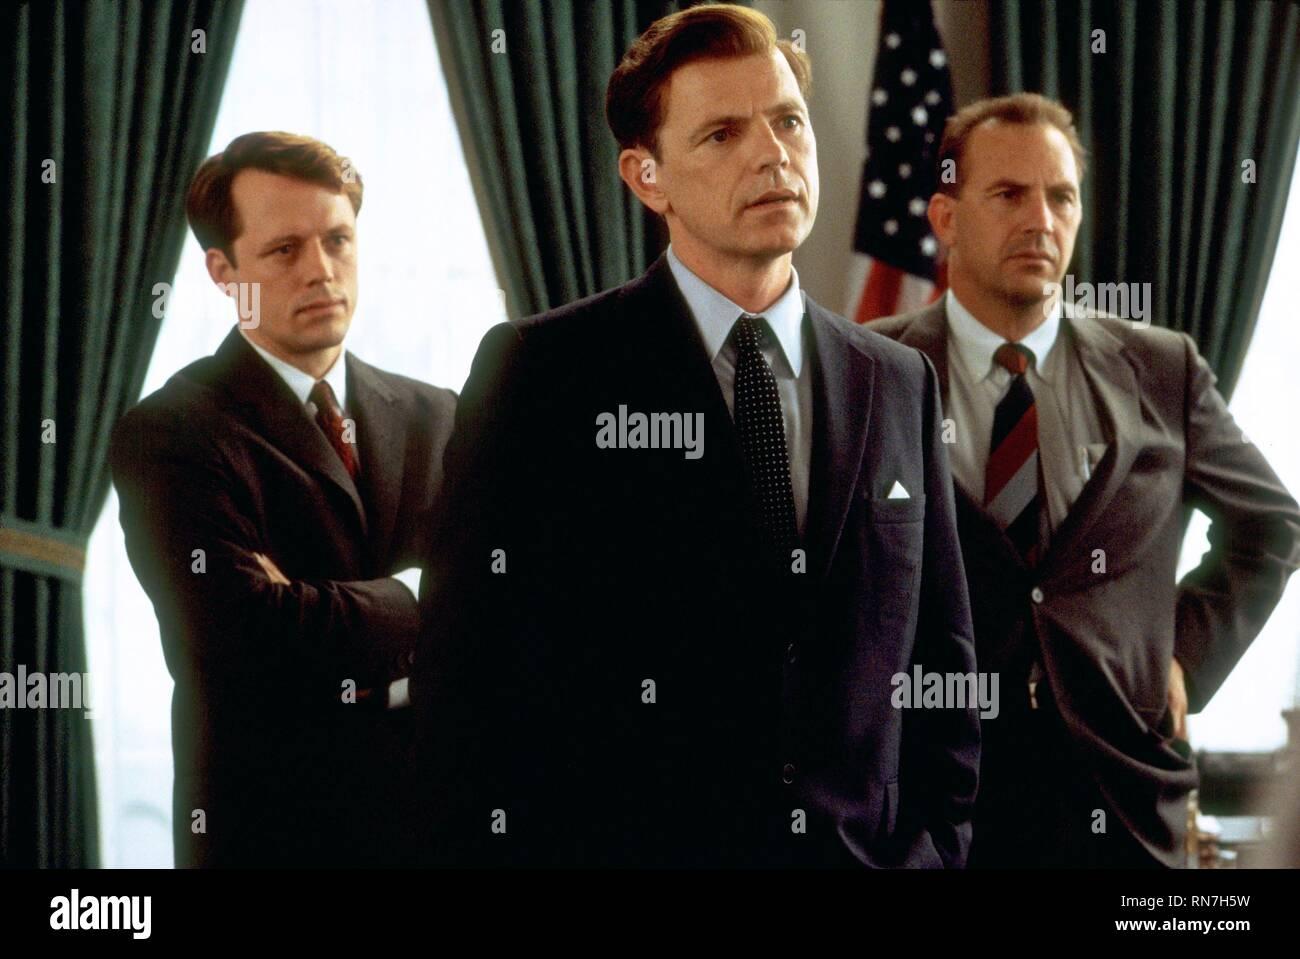 Trece días, Steven CULP, Bruce Greenwood, Kevin Costner, 2000 Imagen De Stock